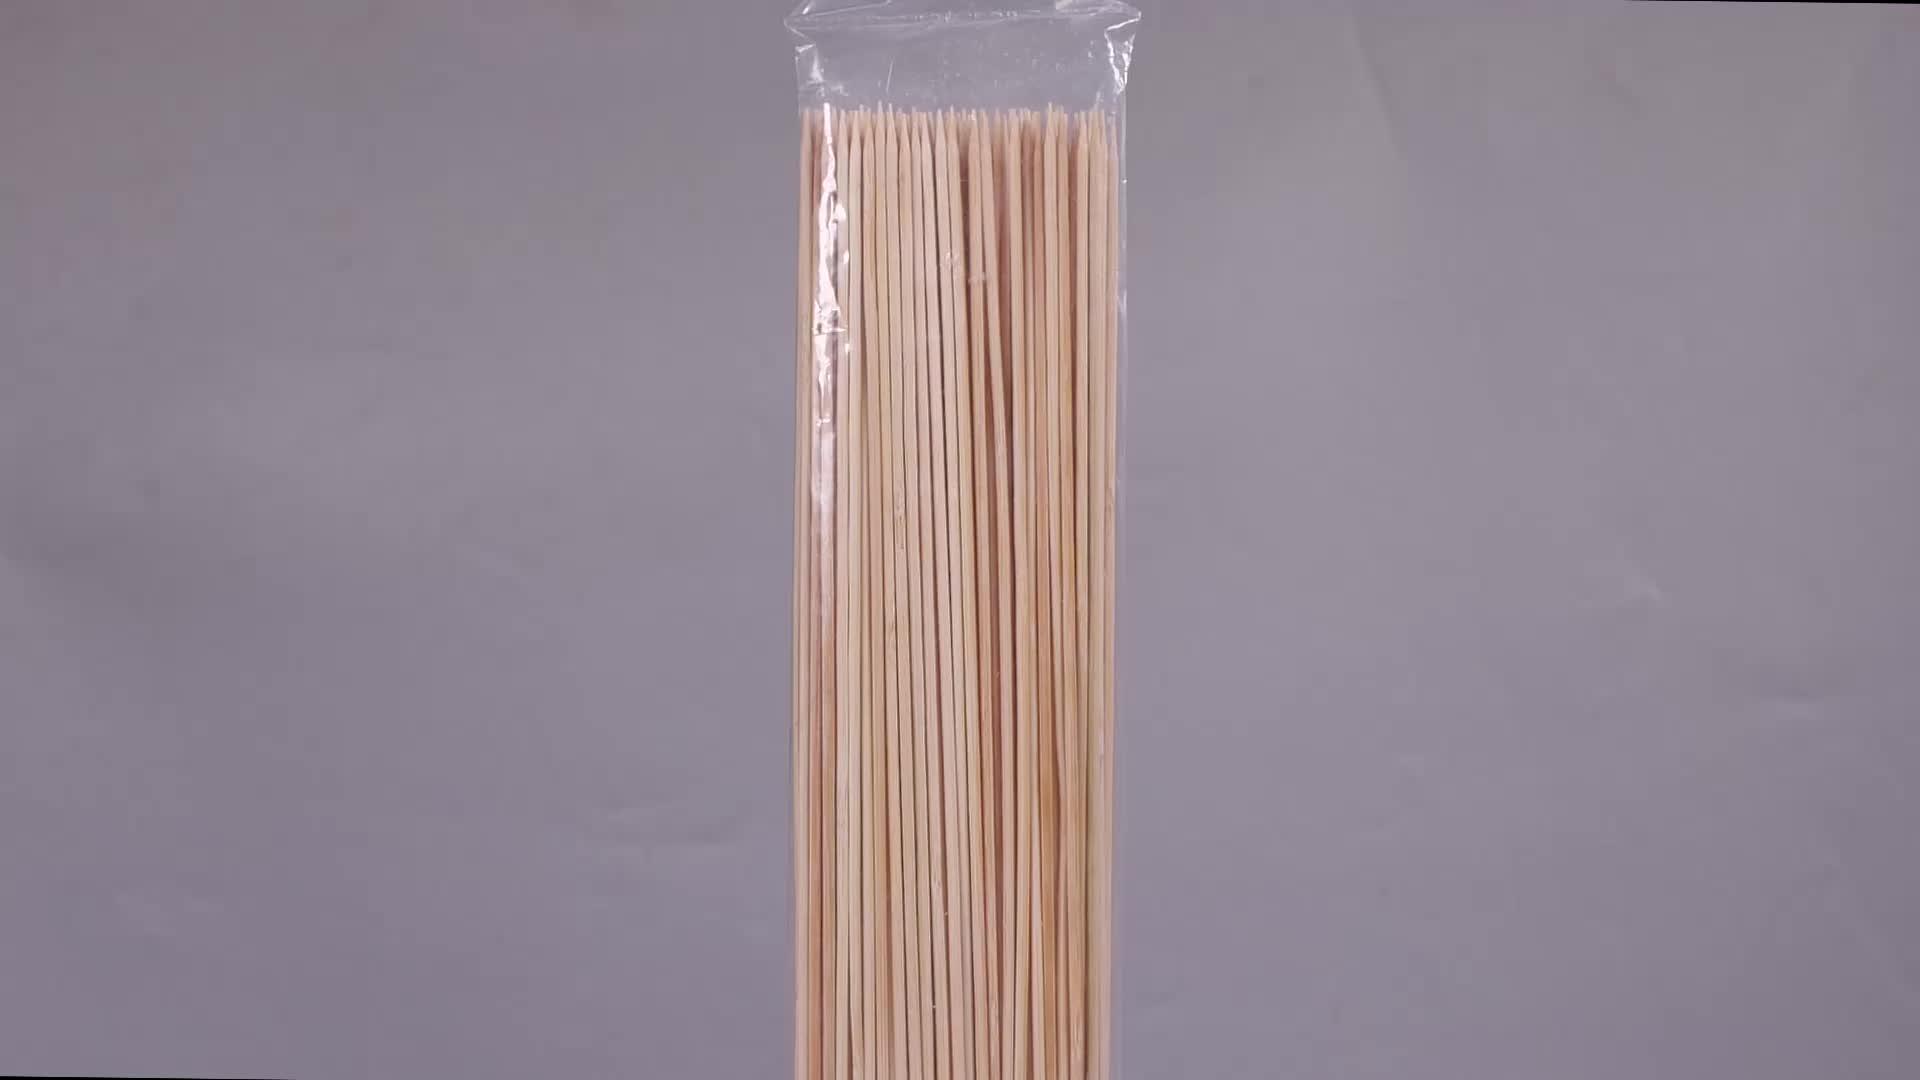 2019 tek kullanımlık FDA sertifikası yüksek kaliteli bambu sopalar